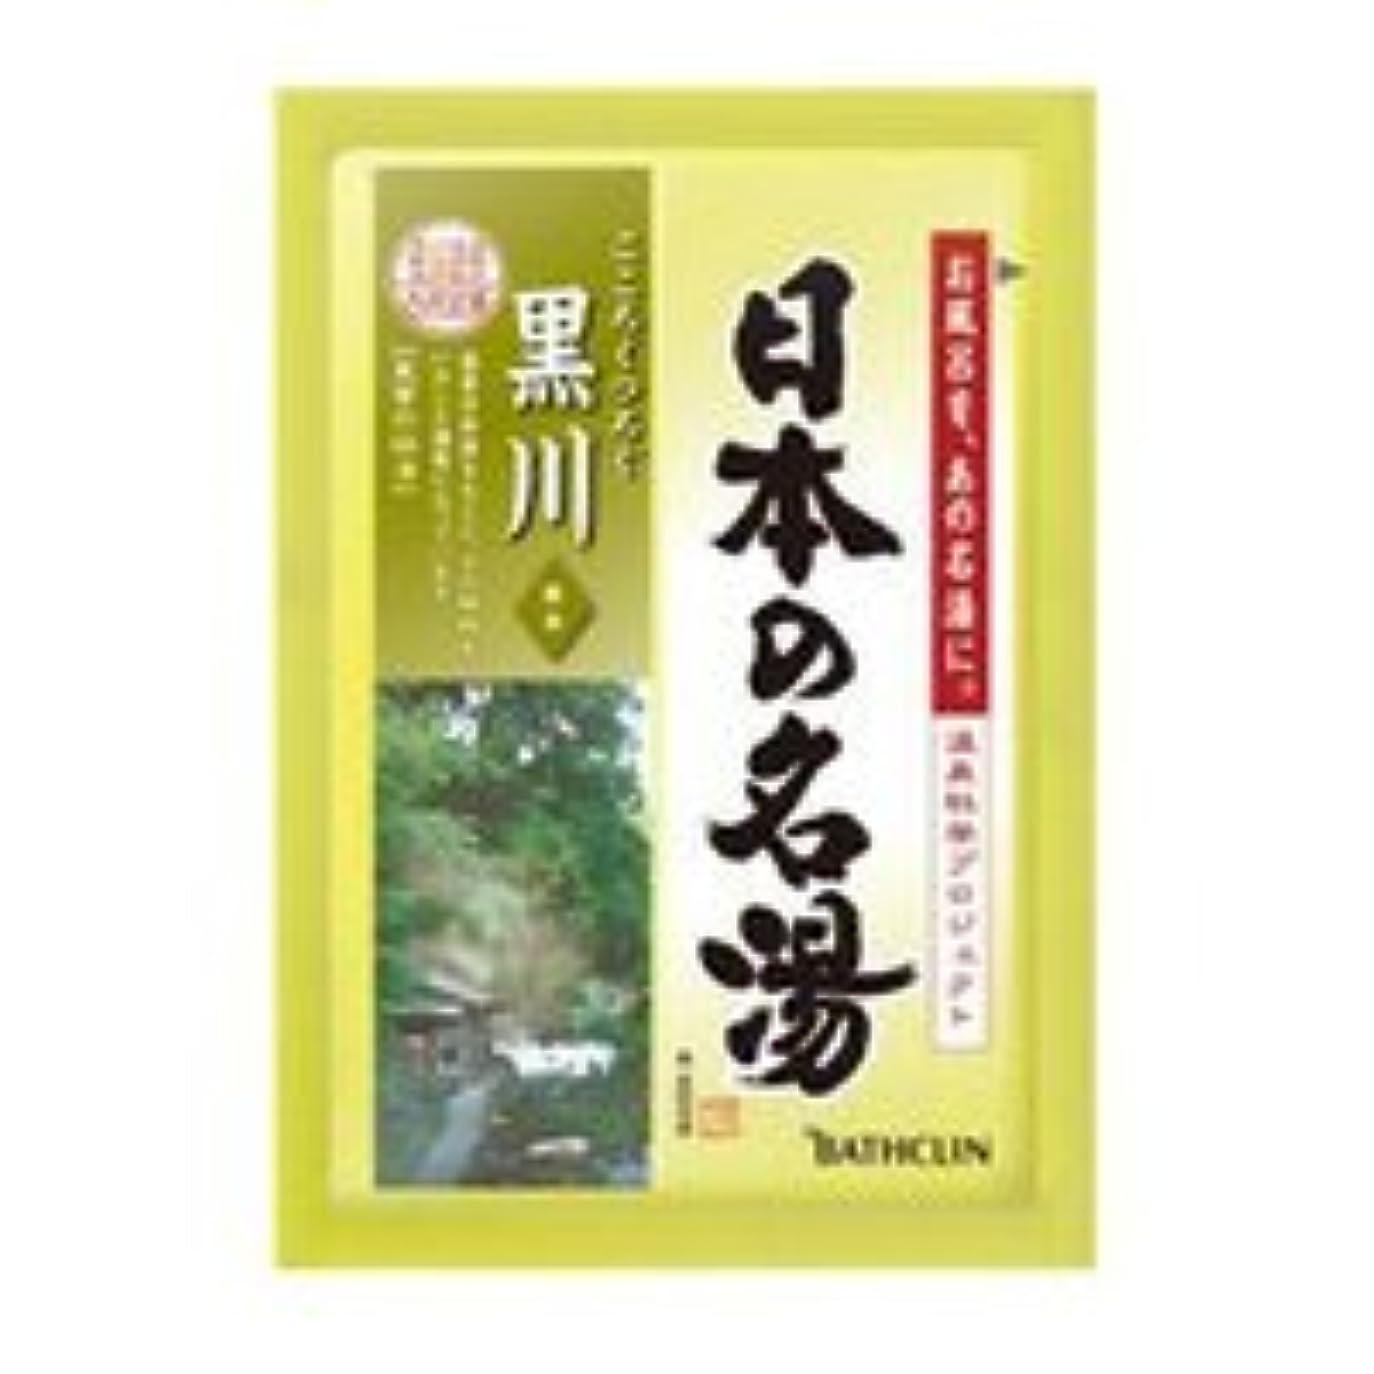 申請中シーフード行政バスクリン 日本の名湯 黒川 1包 30g (温泉タイプ入浴剤)×120点セット (4548514135093)